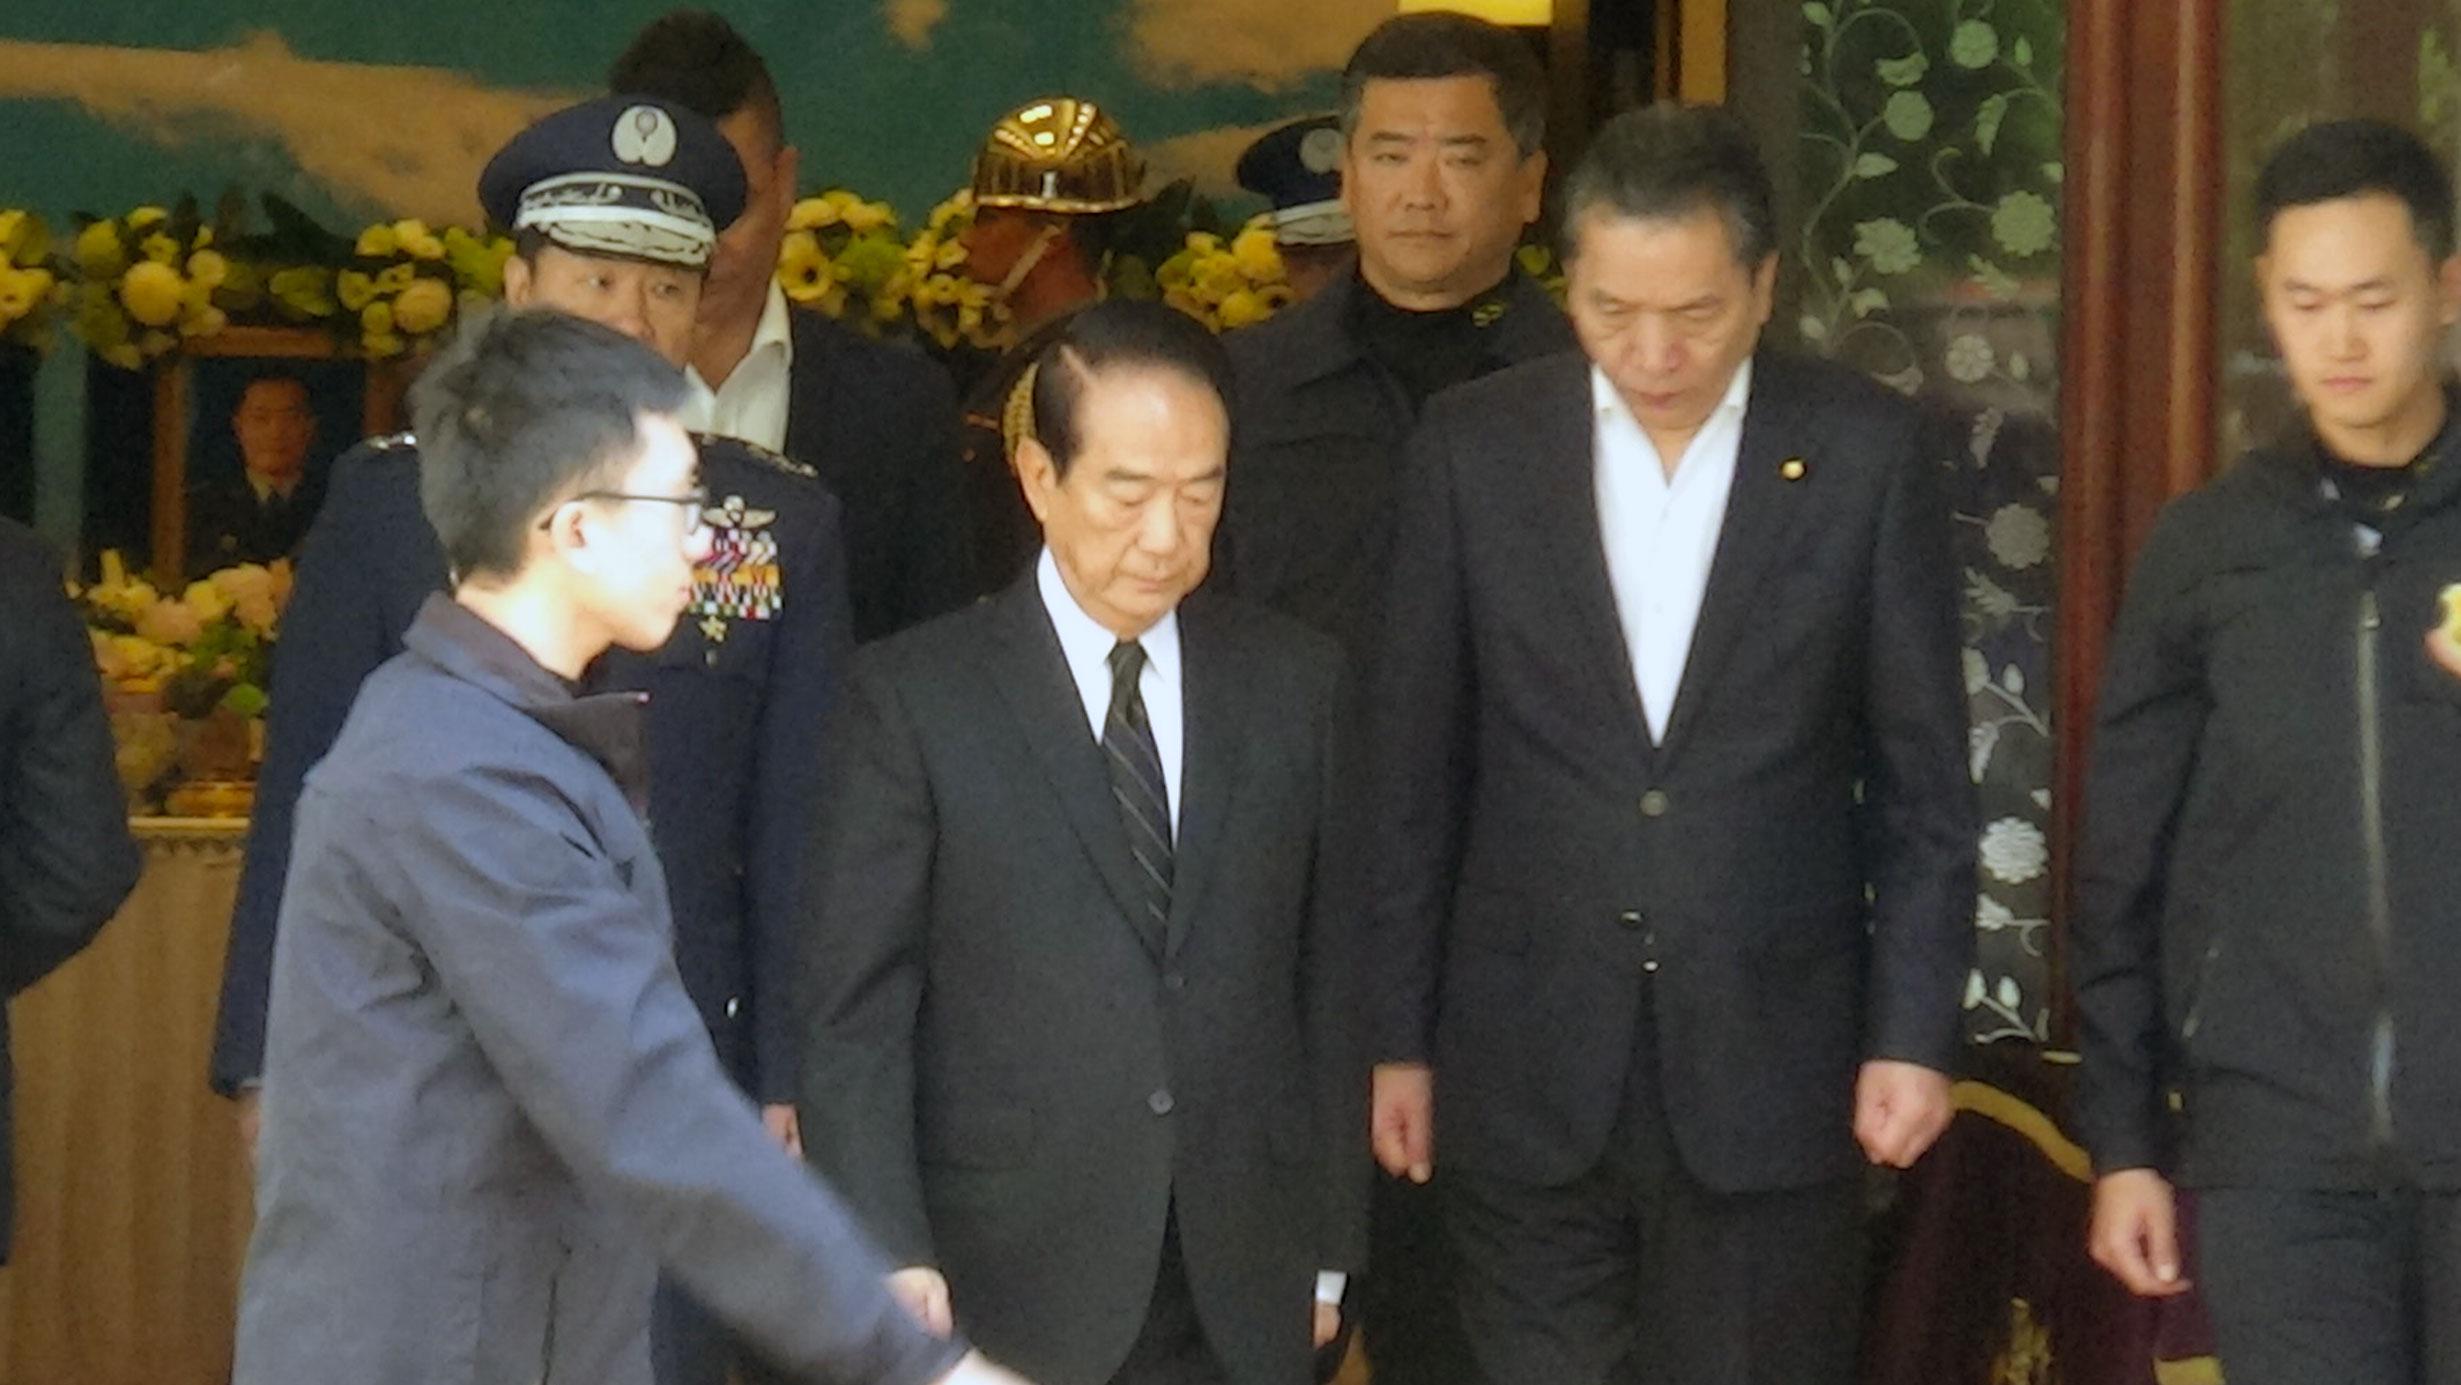 亲民党总统候选人宋楚瑜悼念8名黑鹰罹难军官。(记者夏小华摄)